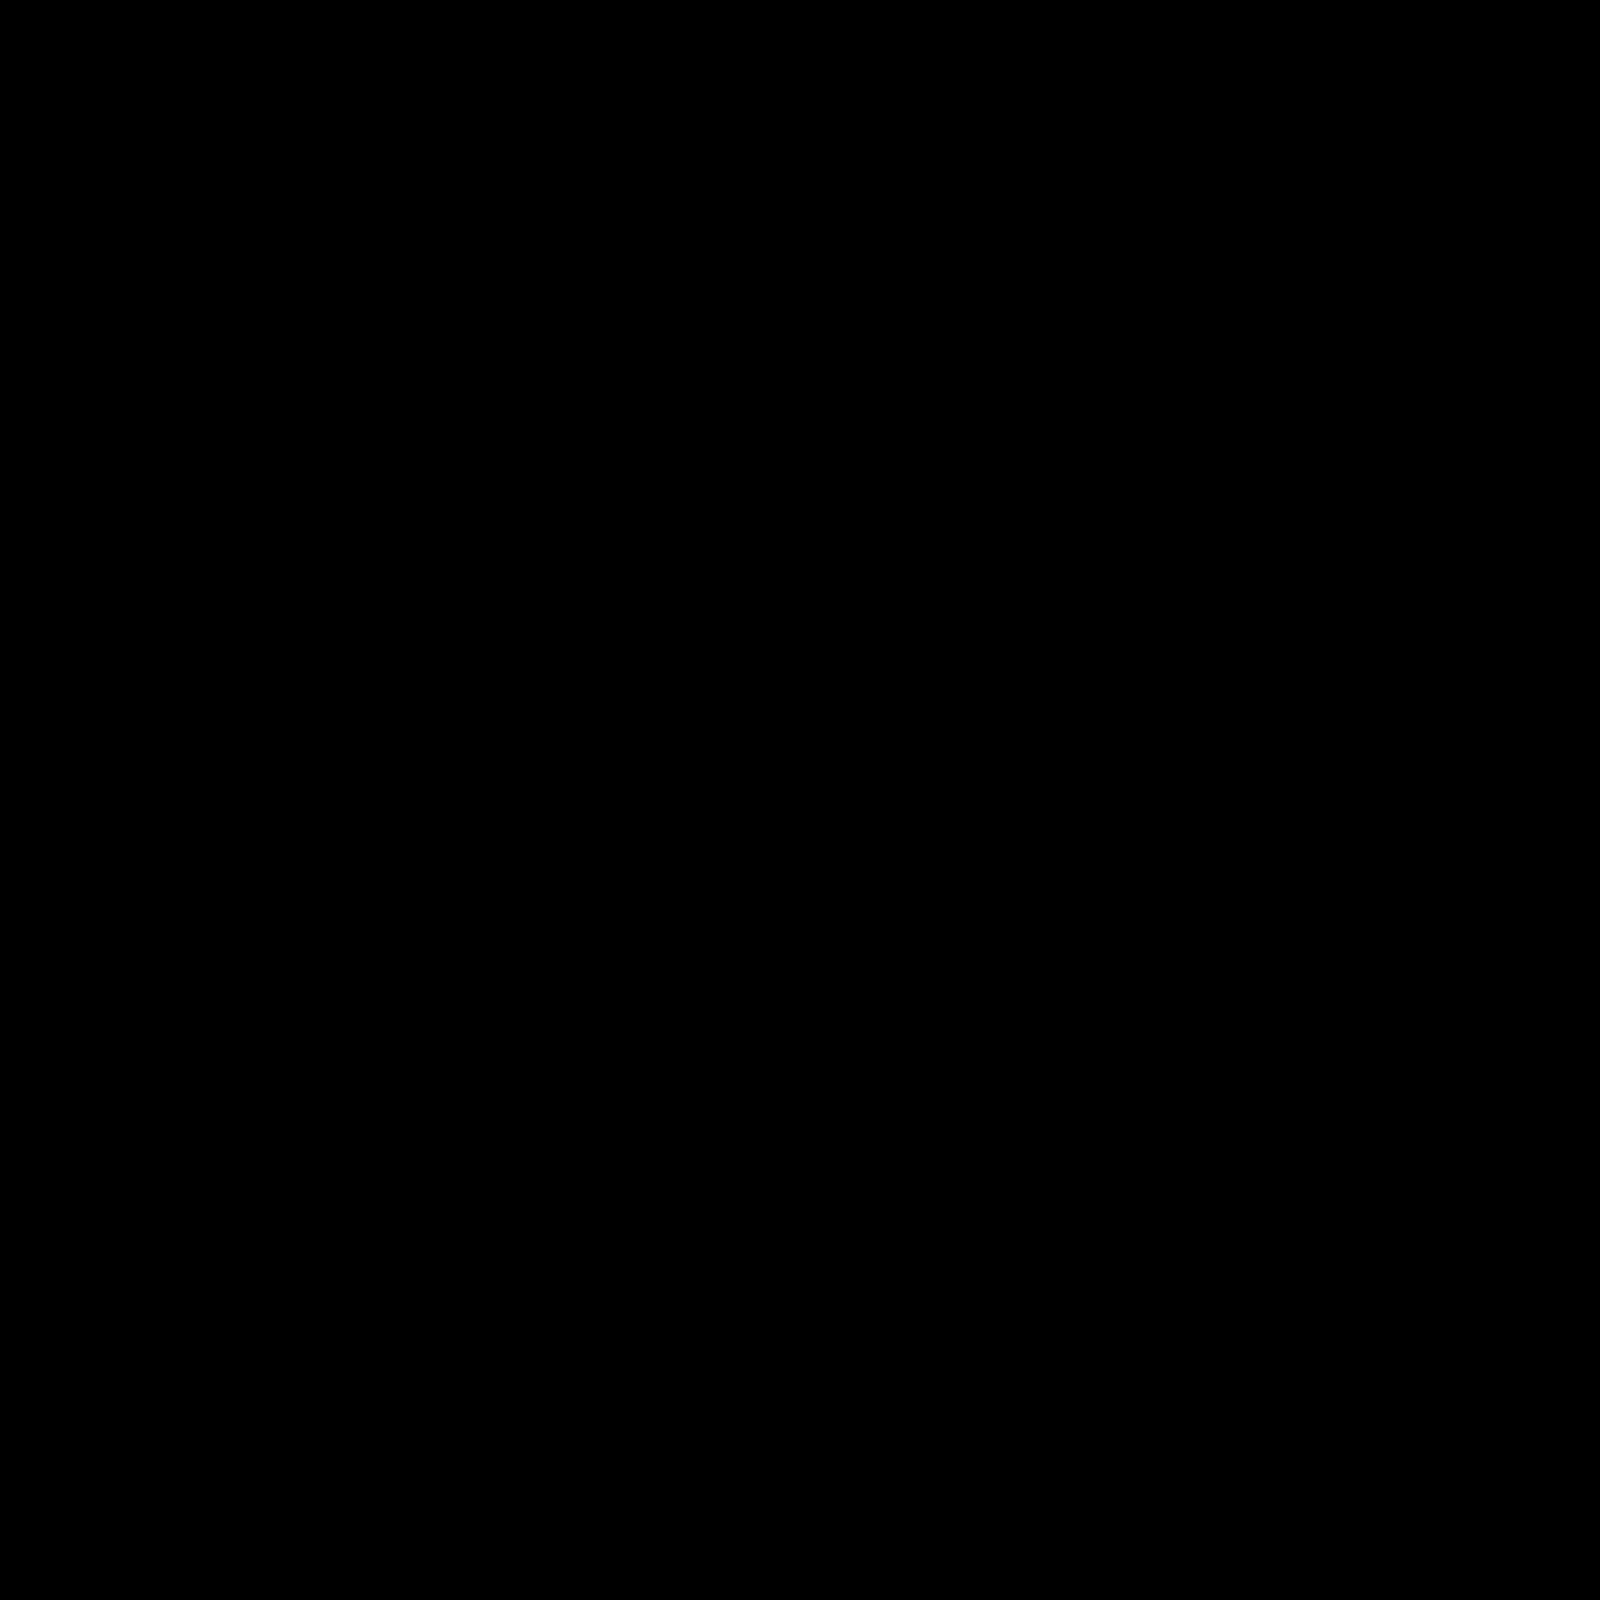 Soursop icon